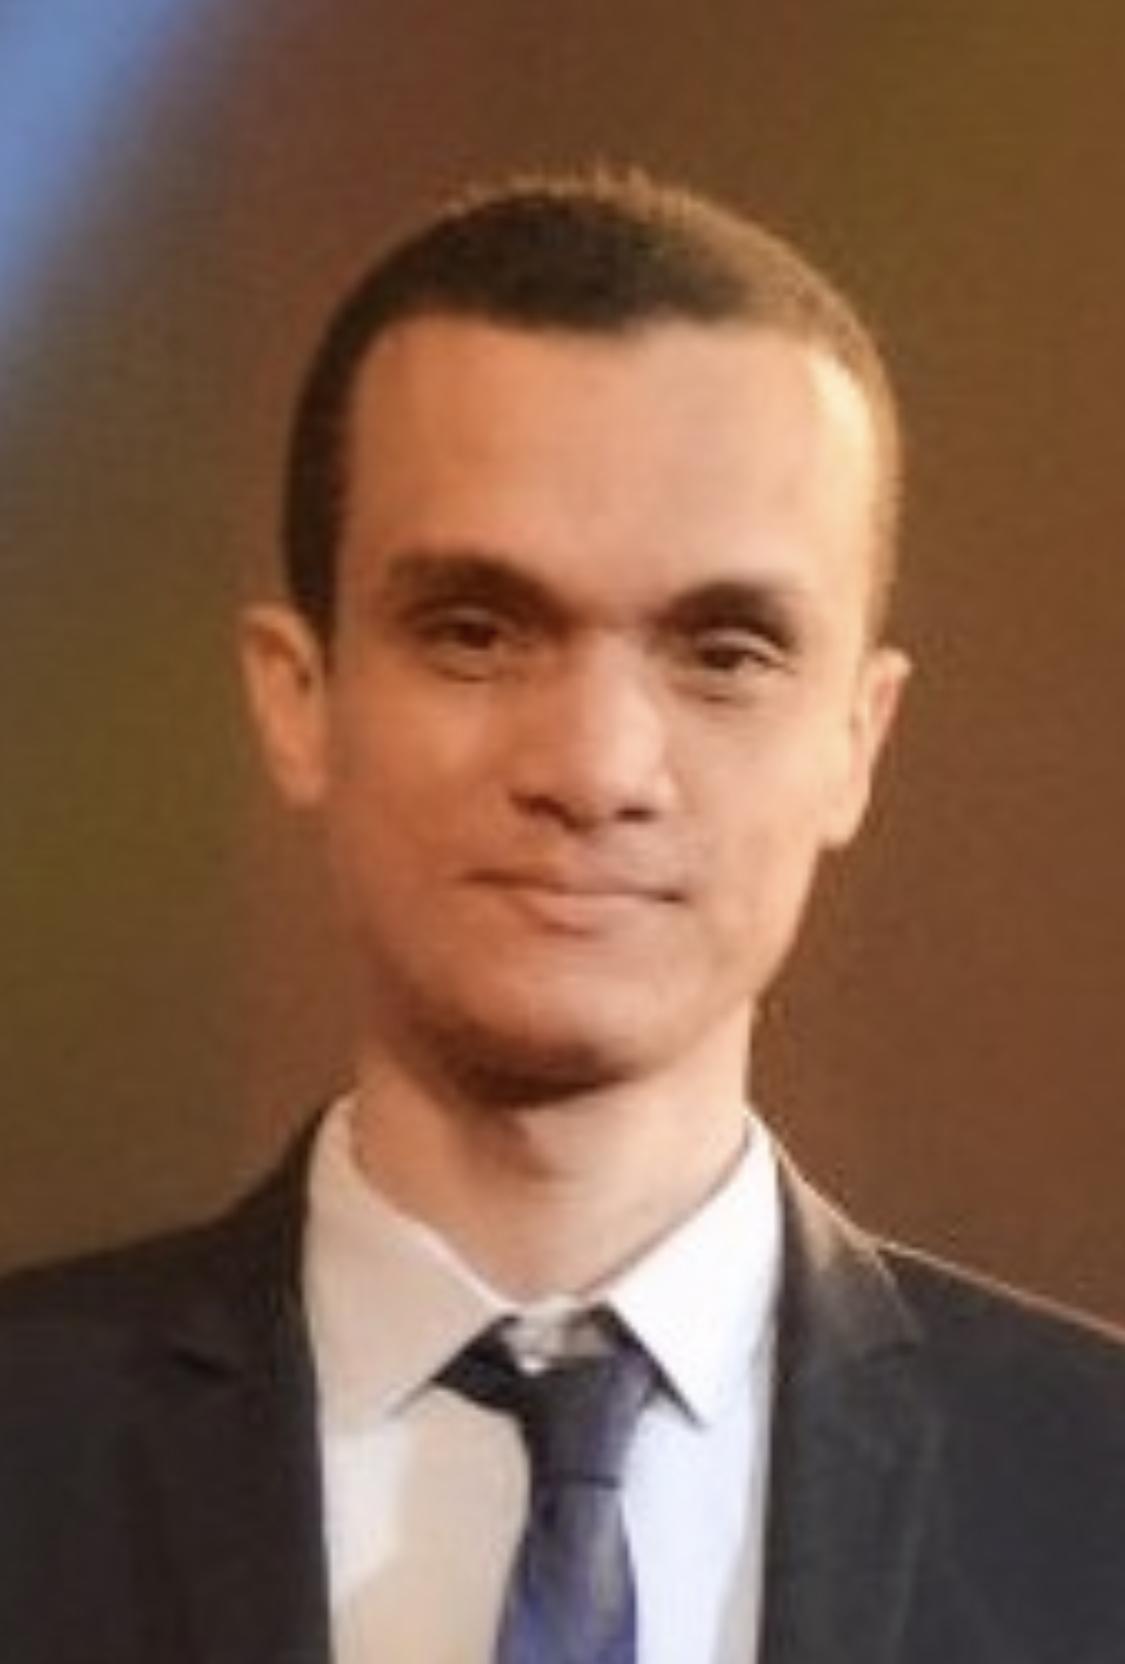 كرم جبر : احترام ثوابت الدولة المصرية من ثوابت الإعلام والأمن القومي